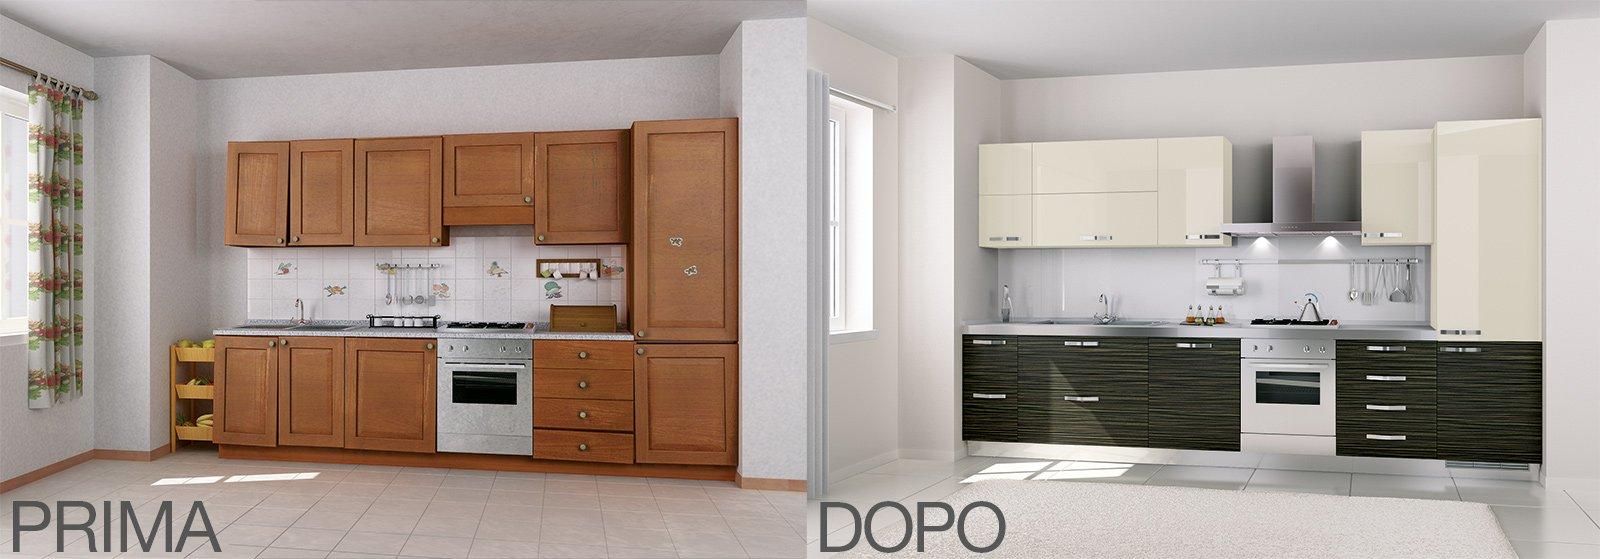 Cucina la trasformo e la personalizzo cos cose di casa - Verniciare ante cucina legno ...